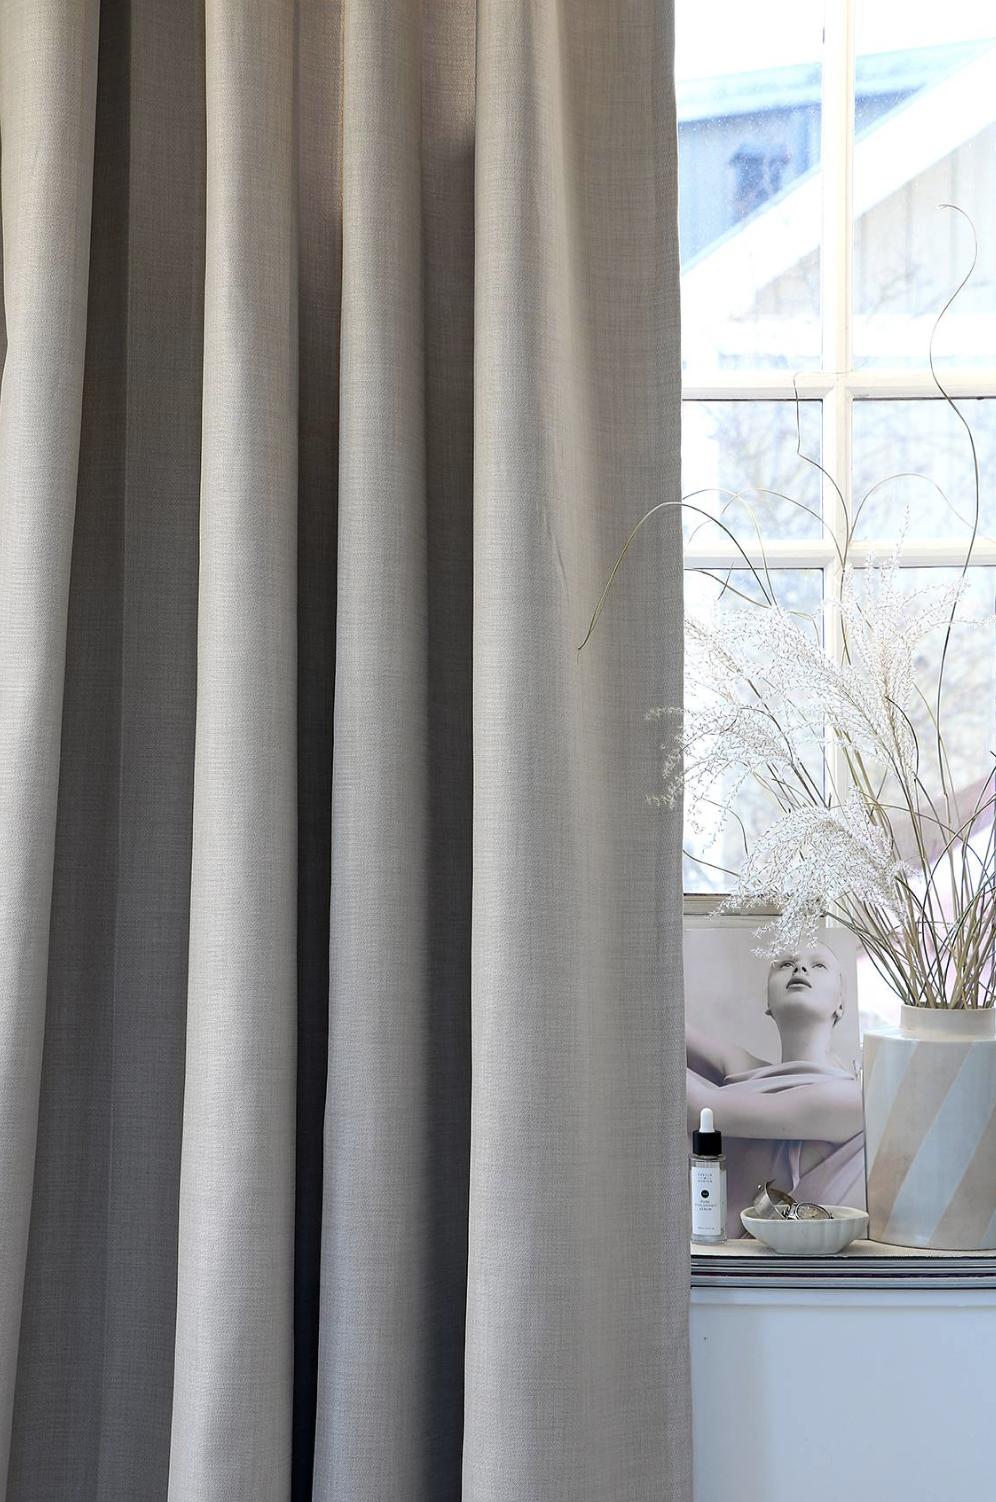 Lyx Hotellmörkläggning Gardin 290x250 cm, Natur